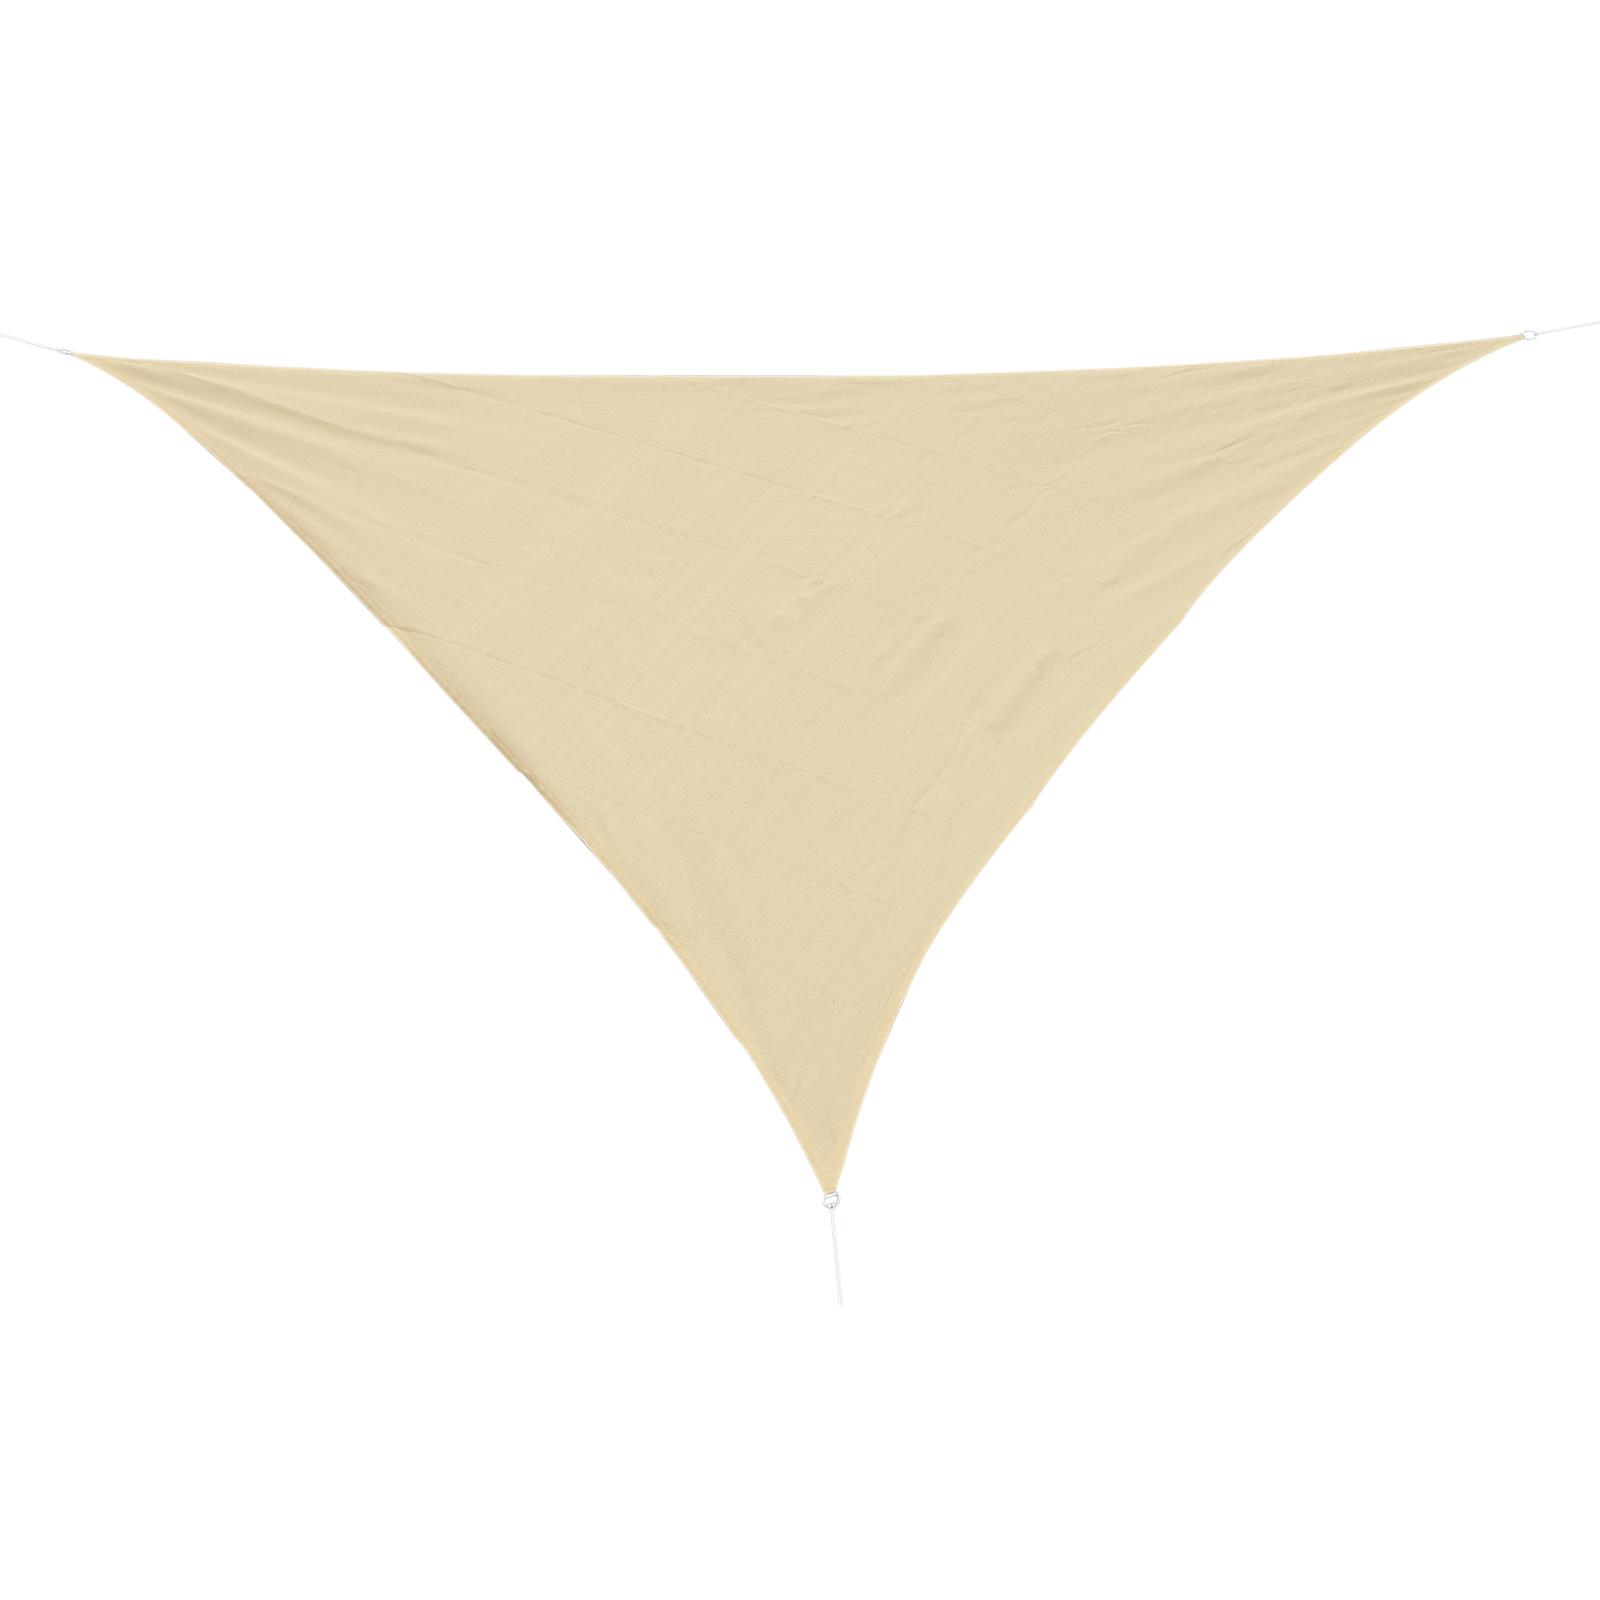 Outsunny Tenda da sole triangolare in HDPE, Sabbia, 3x3x3m